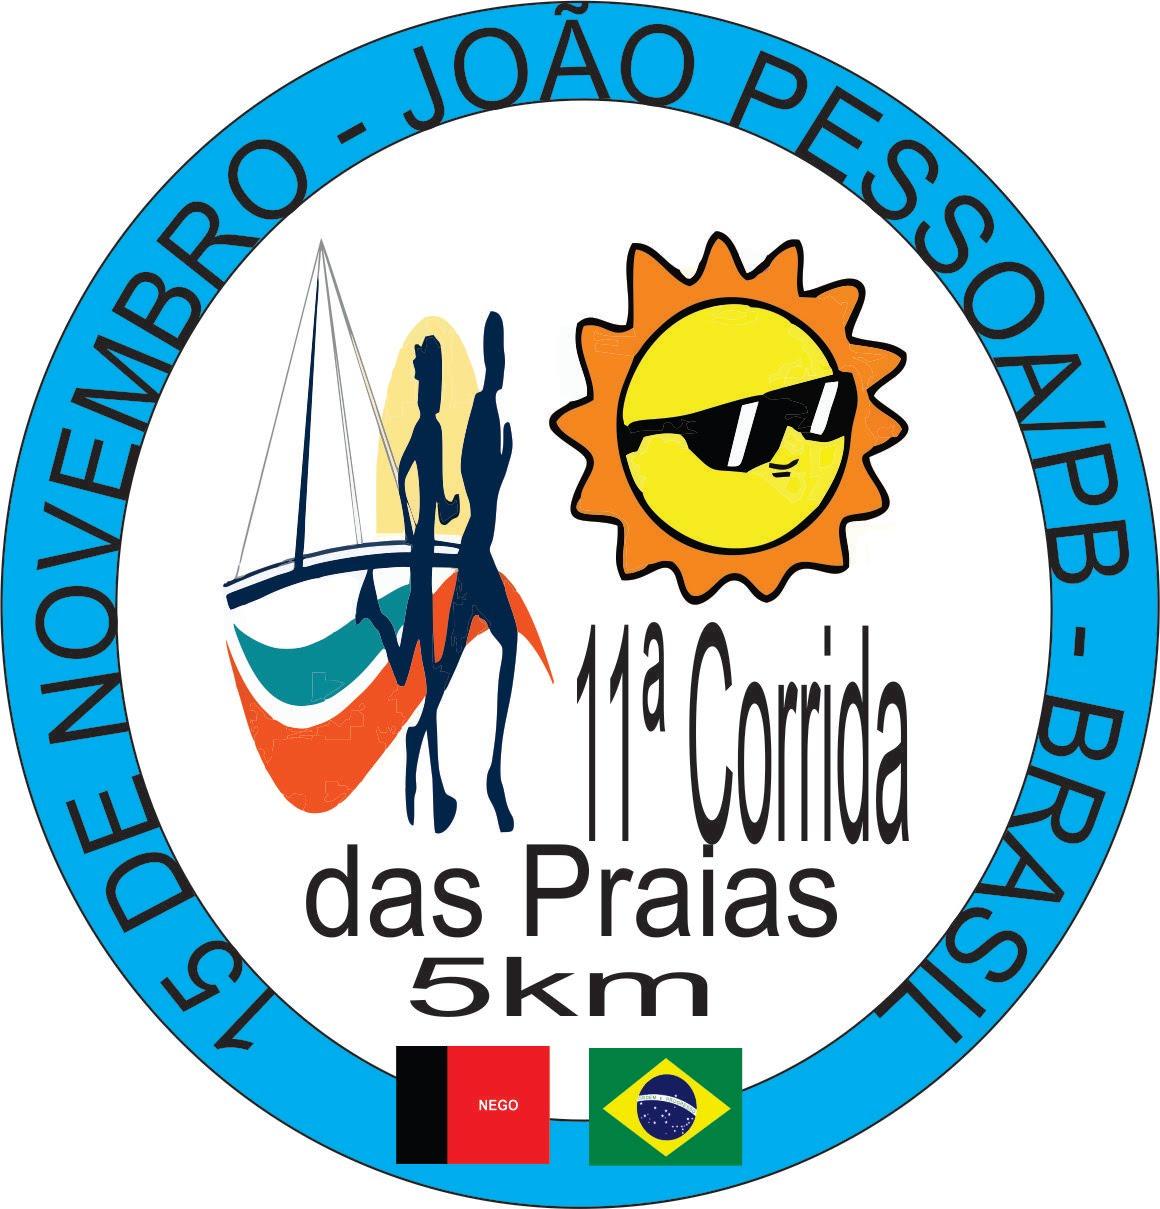 CORRIDA DAS PRAIAS 2017